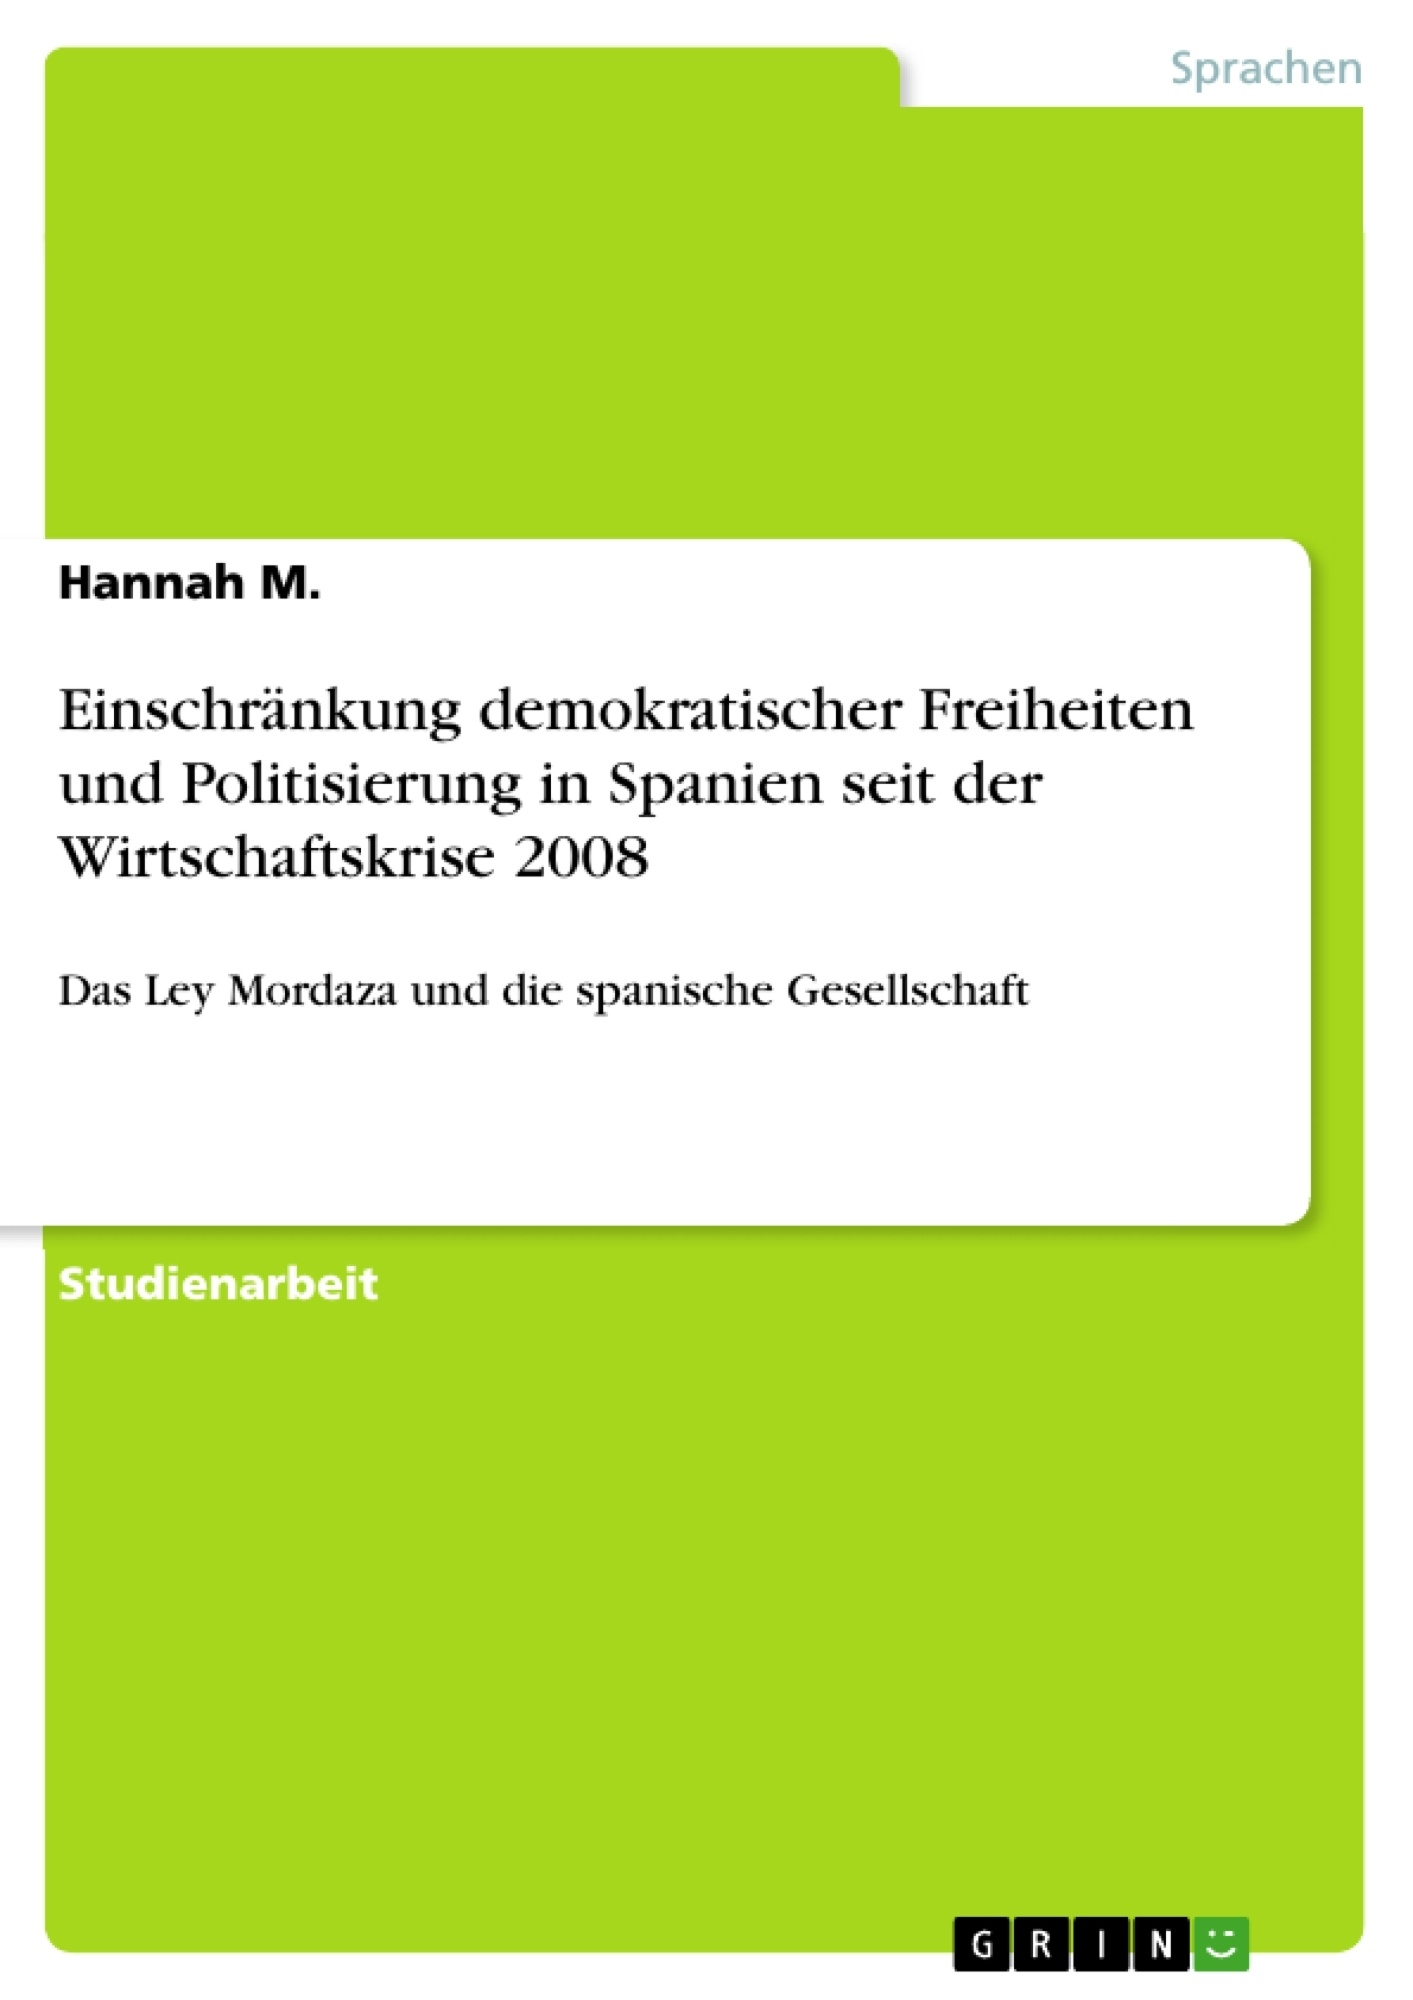 Titel: Einschränkung demokratischer Freiheiten und Politisierung in Spanien seit der Wirtschaftskrise 2008